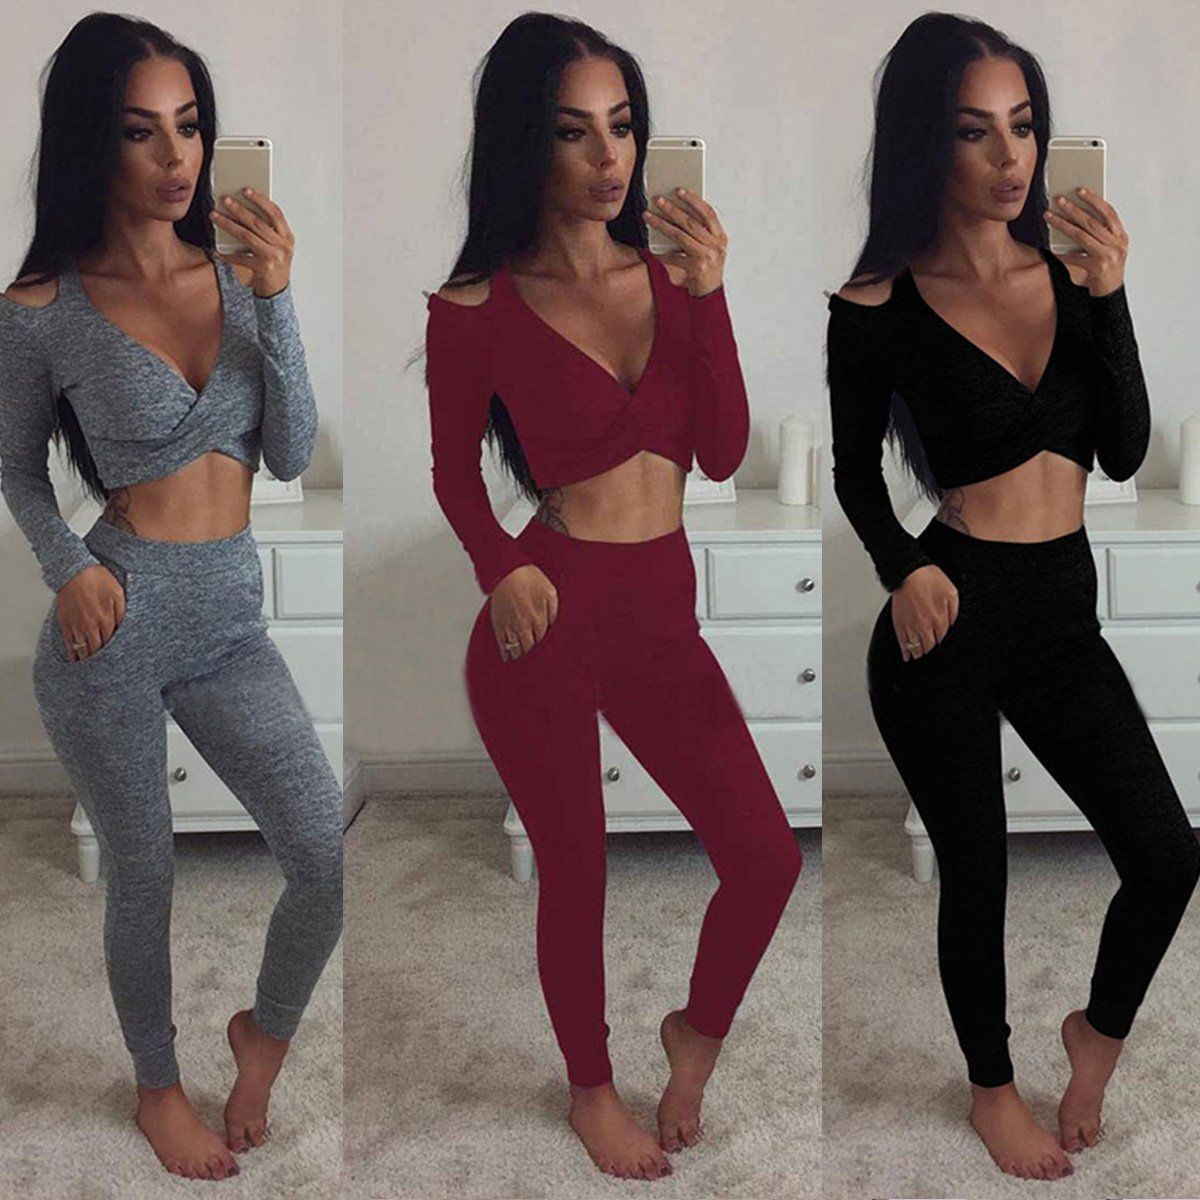 3c1b6269cbc6 2PCS Set Women Sports Suit Crop Top Pants Outfit Yoga Workout ...